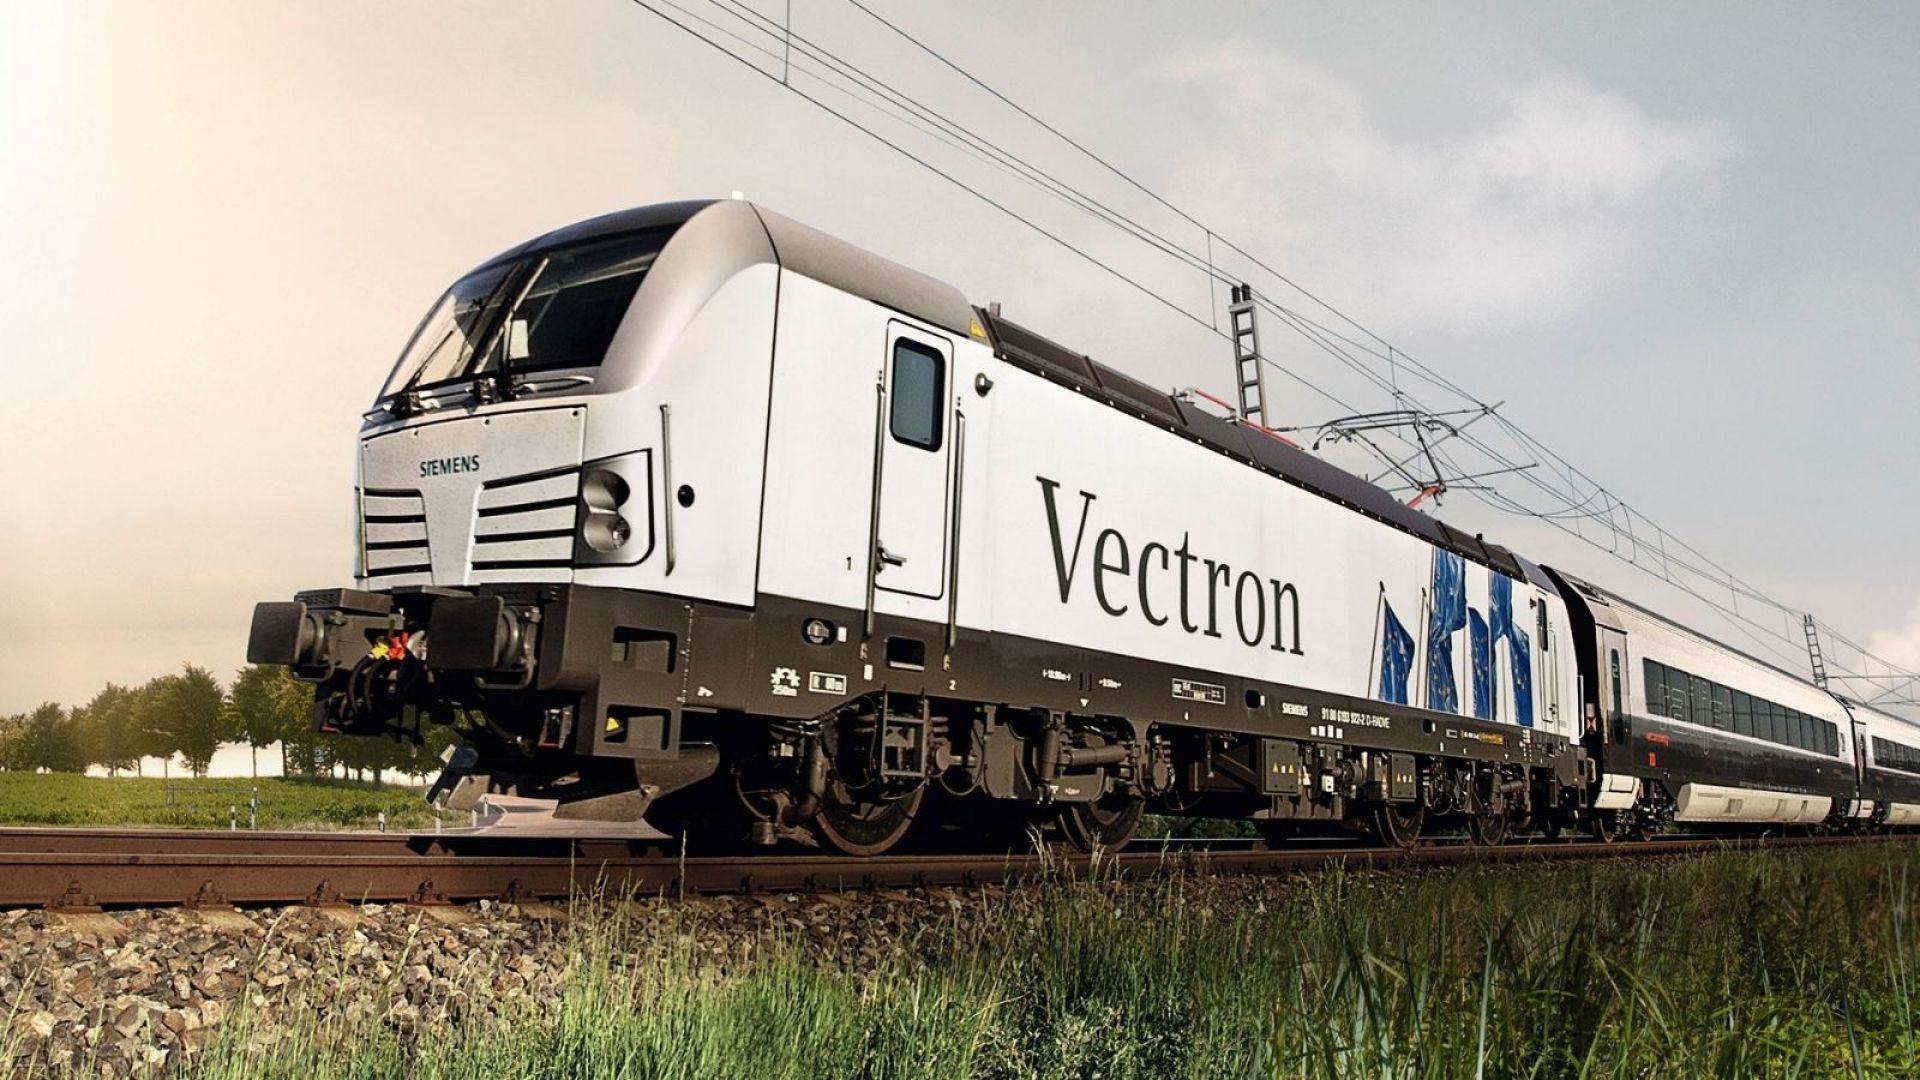 Търновска фирма ще достави 5 локомотива под наем на БДЖ за 8,5 млн. лв.